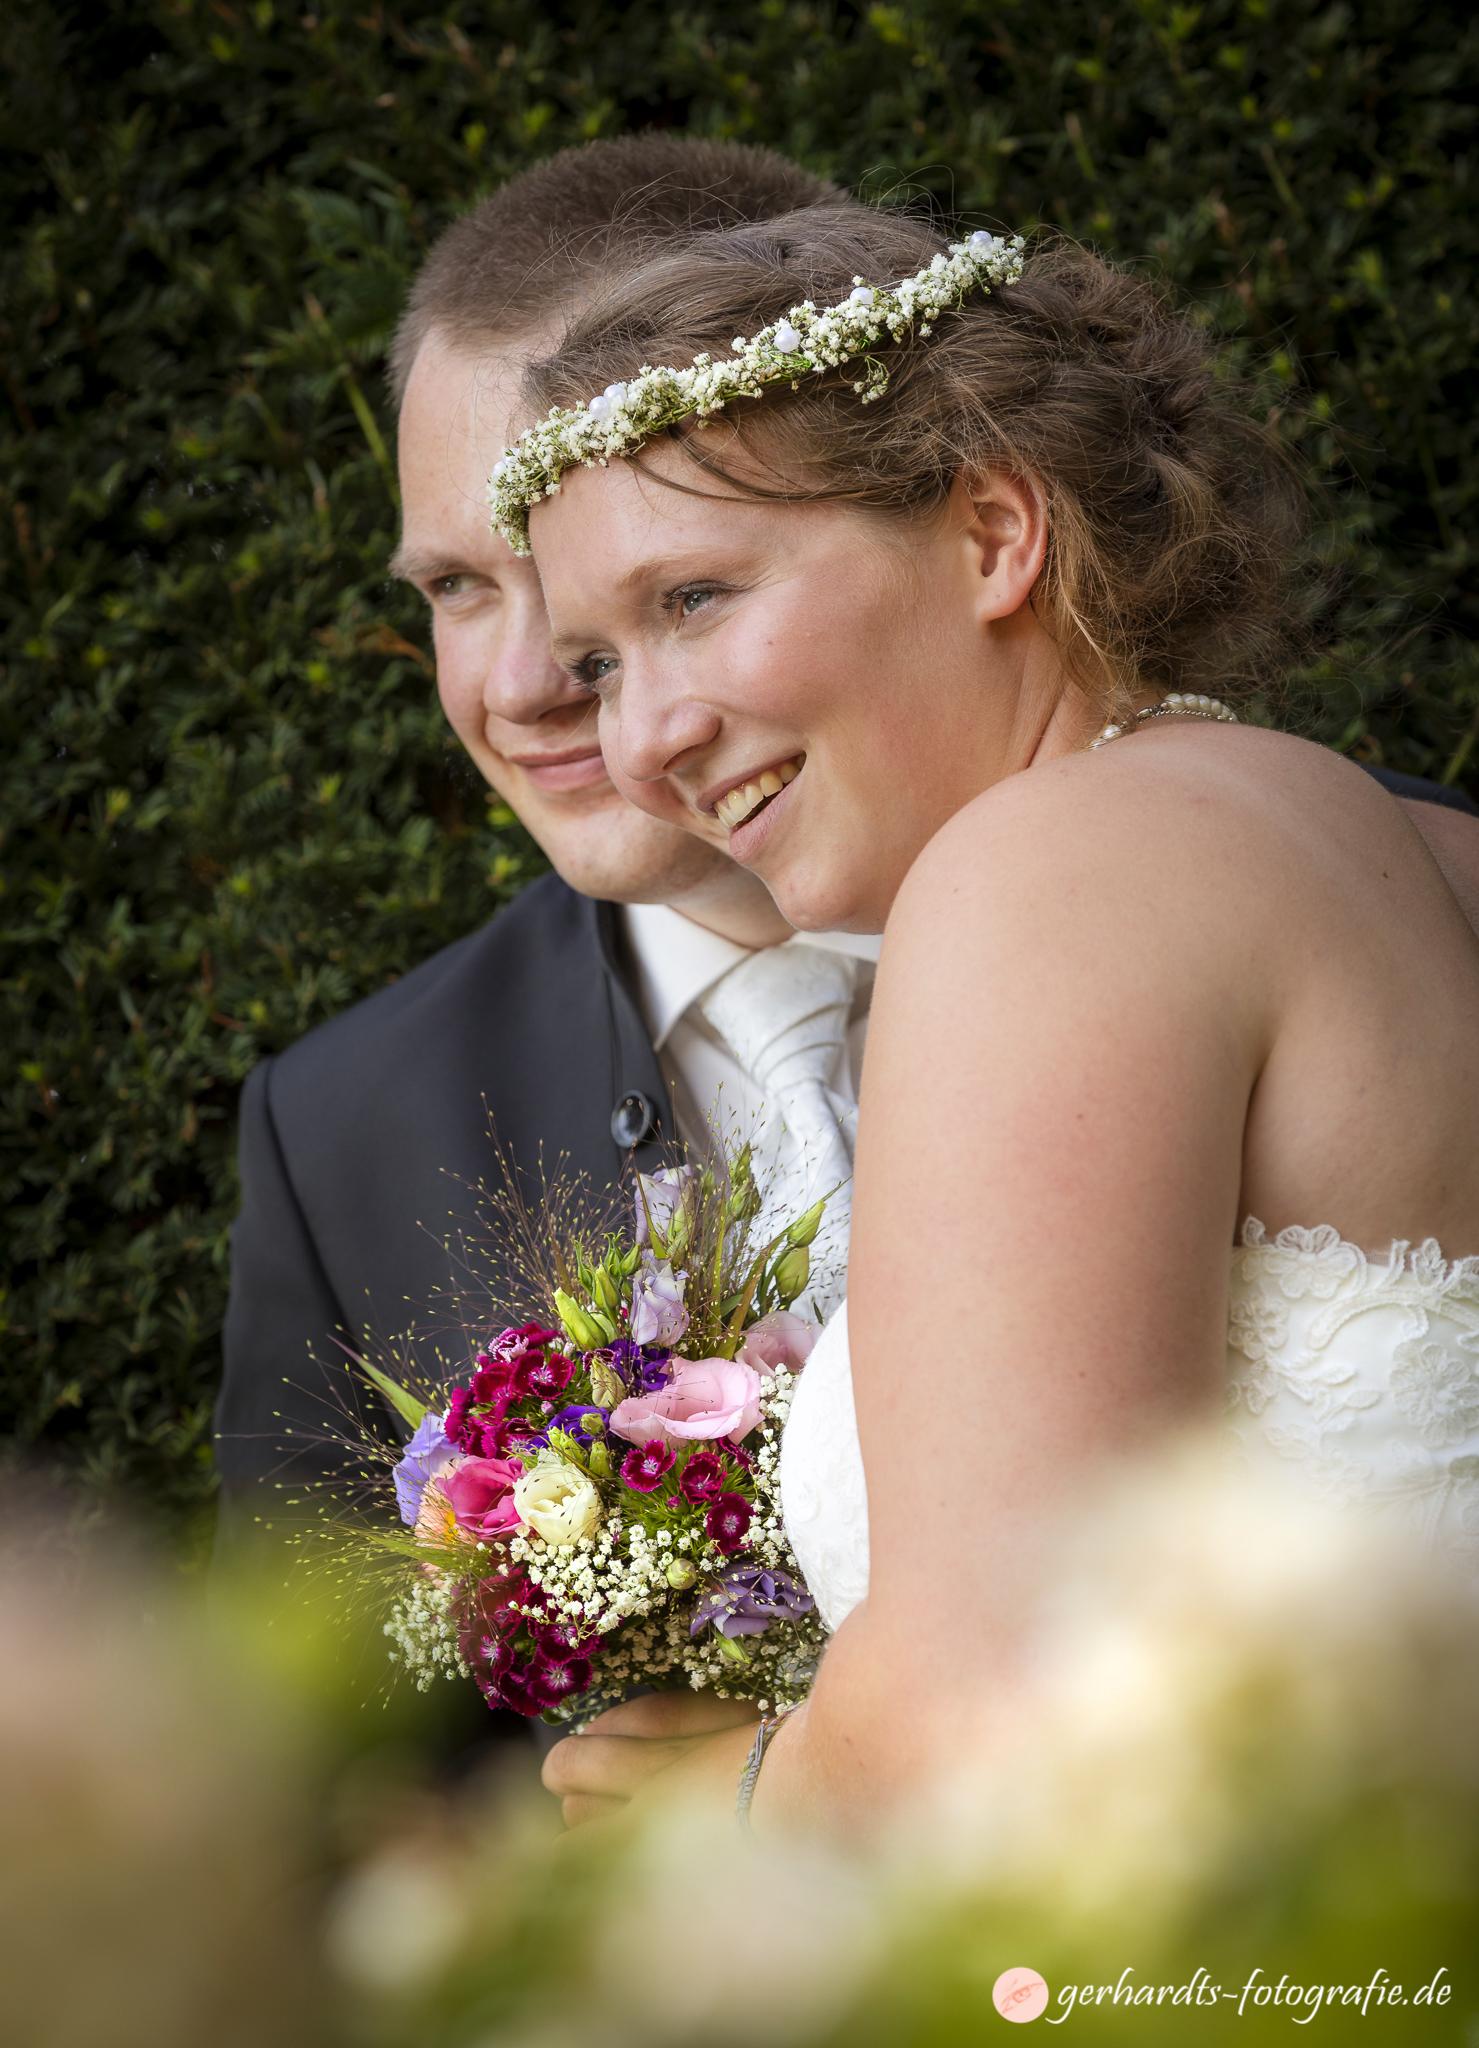 Hochzeit Miri & Fabi - Hochzeitsfotograf Göttingen, Hochzeit Nörten-Hardenberg, Fotograf Göttingen